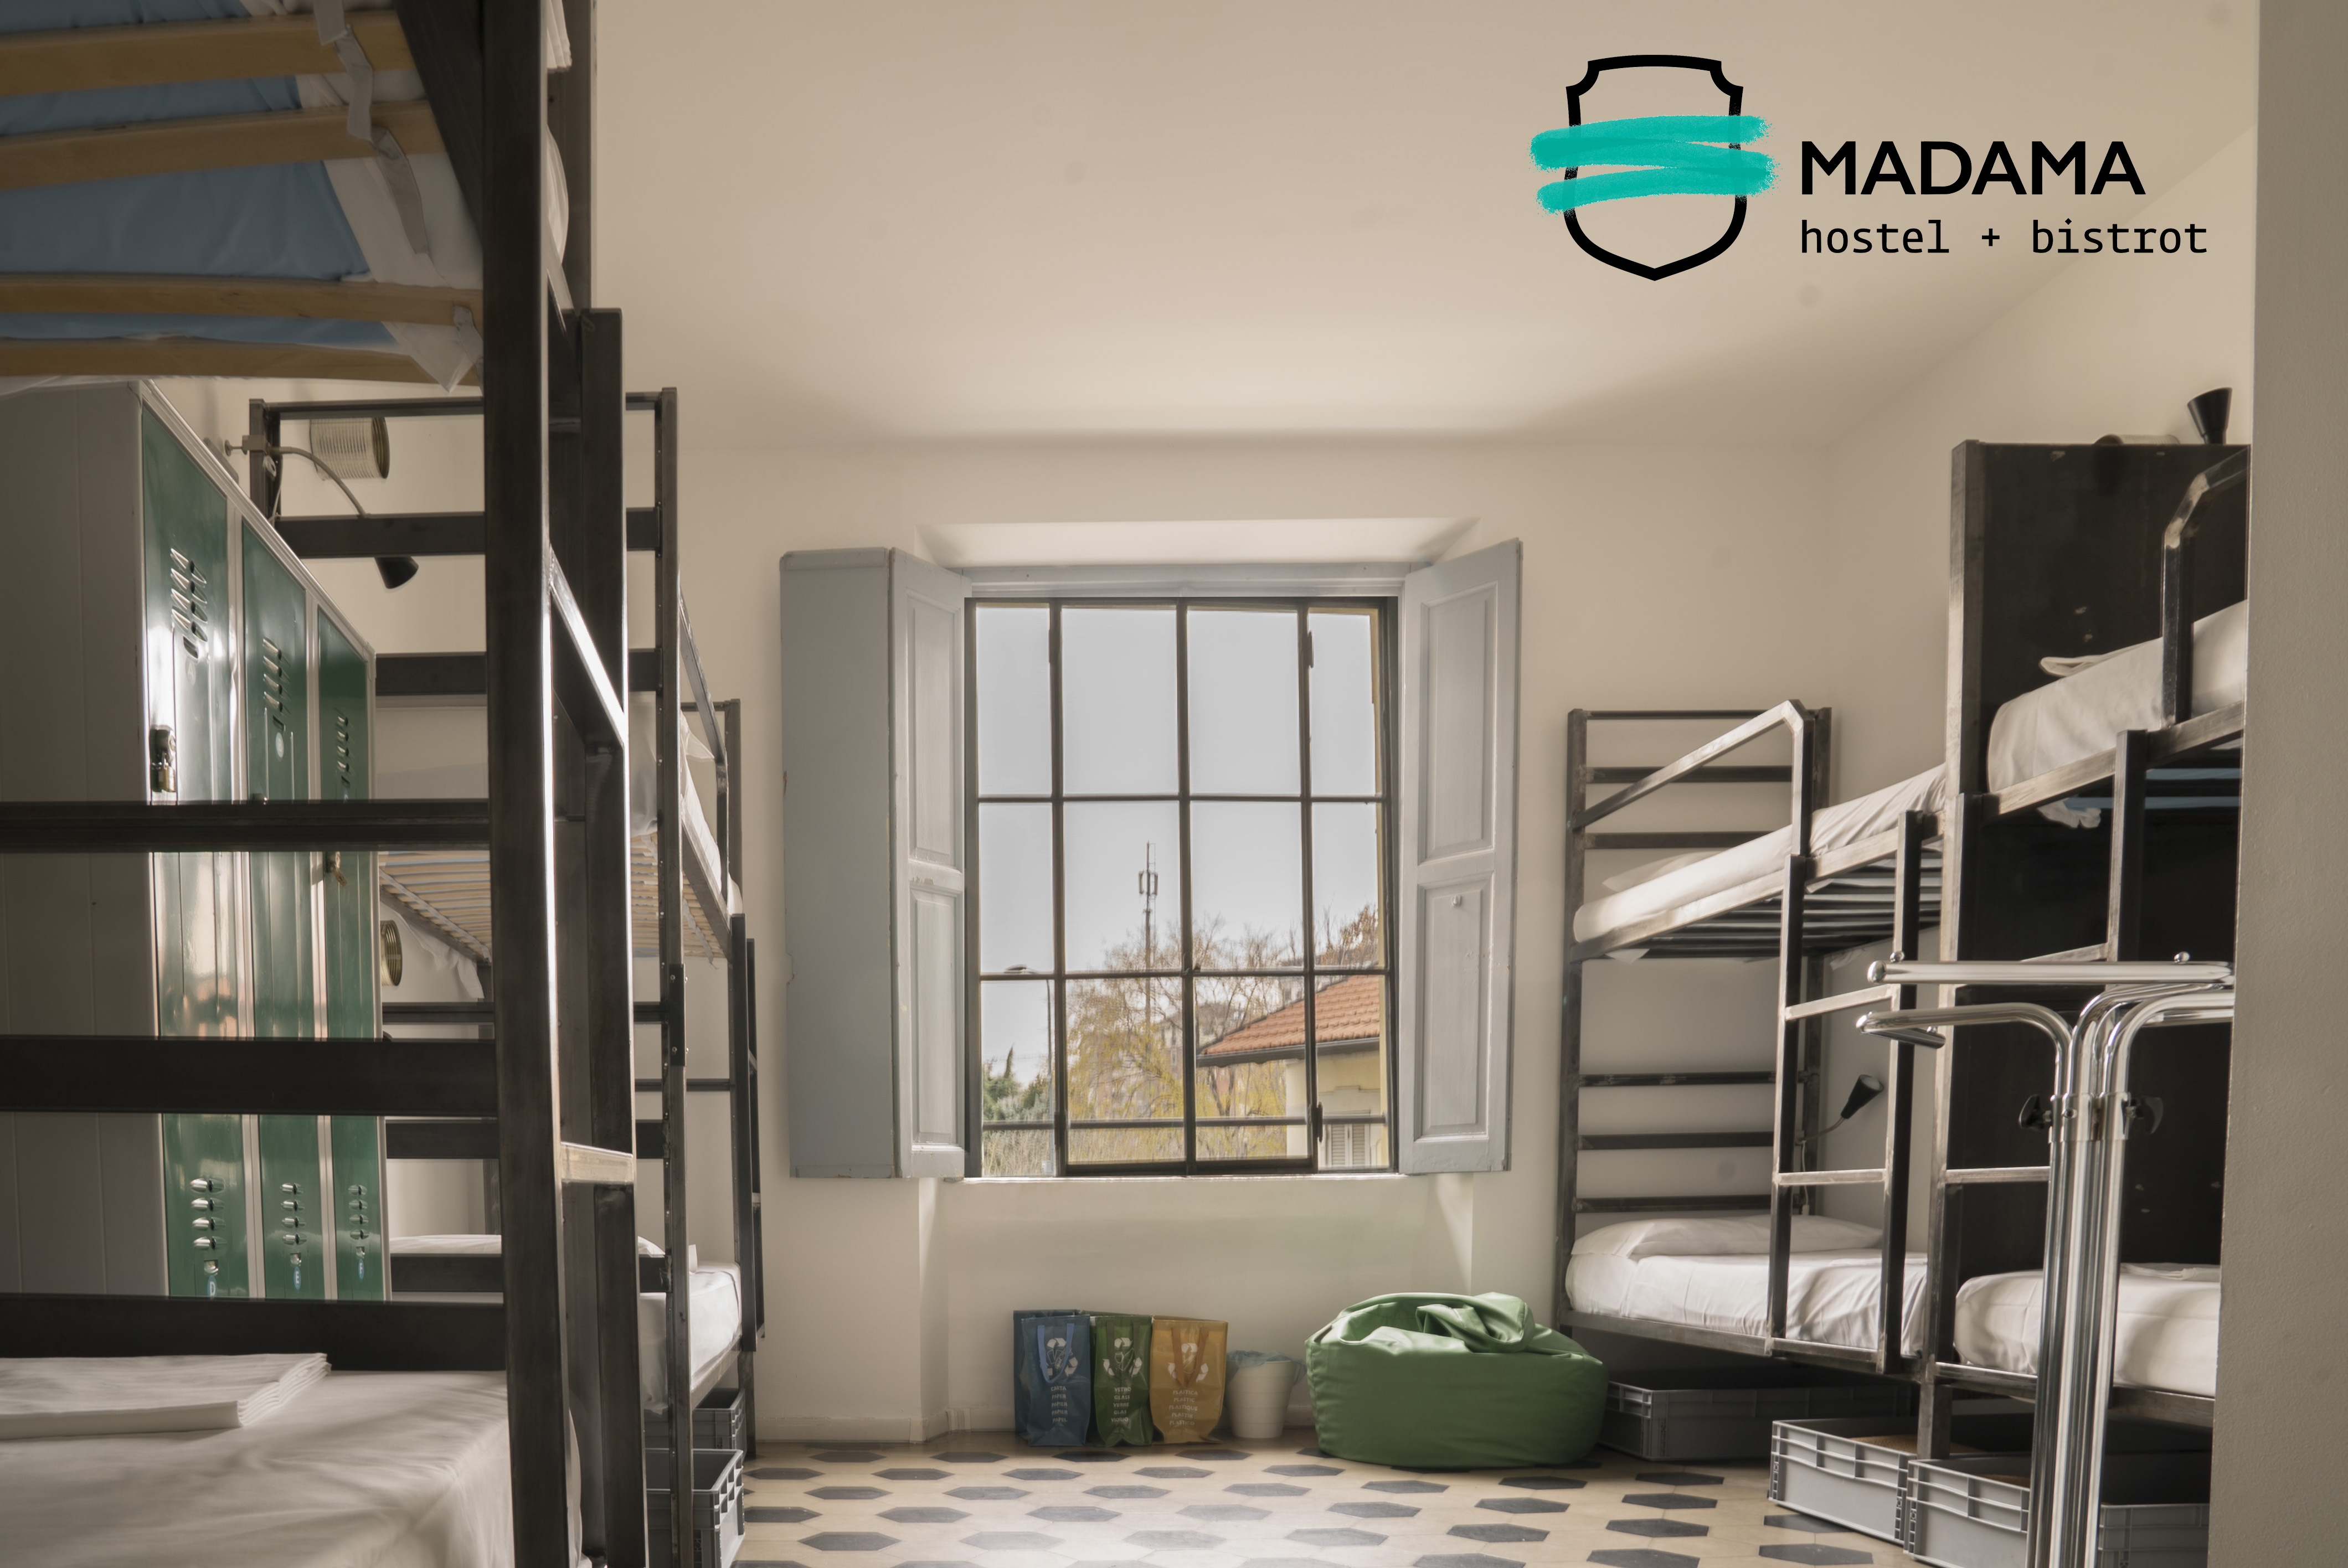 Madama Hostel & Bistrot